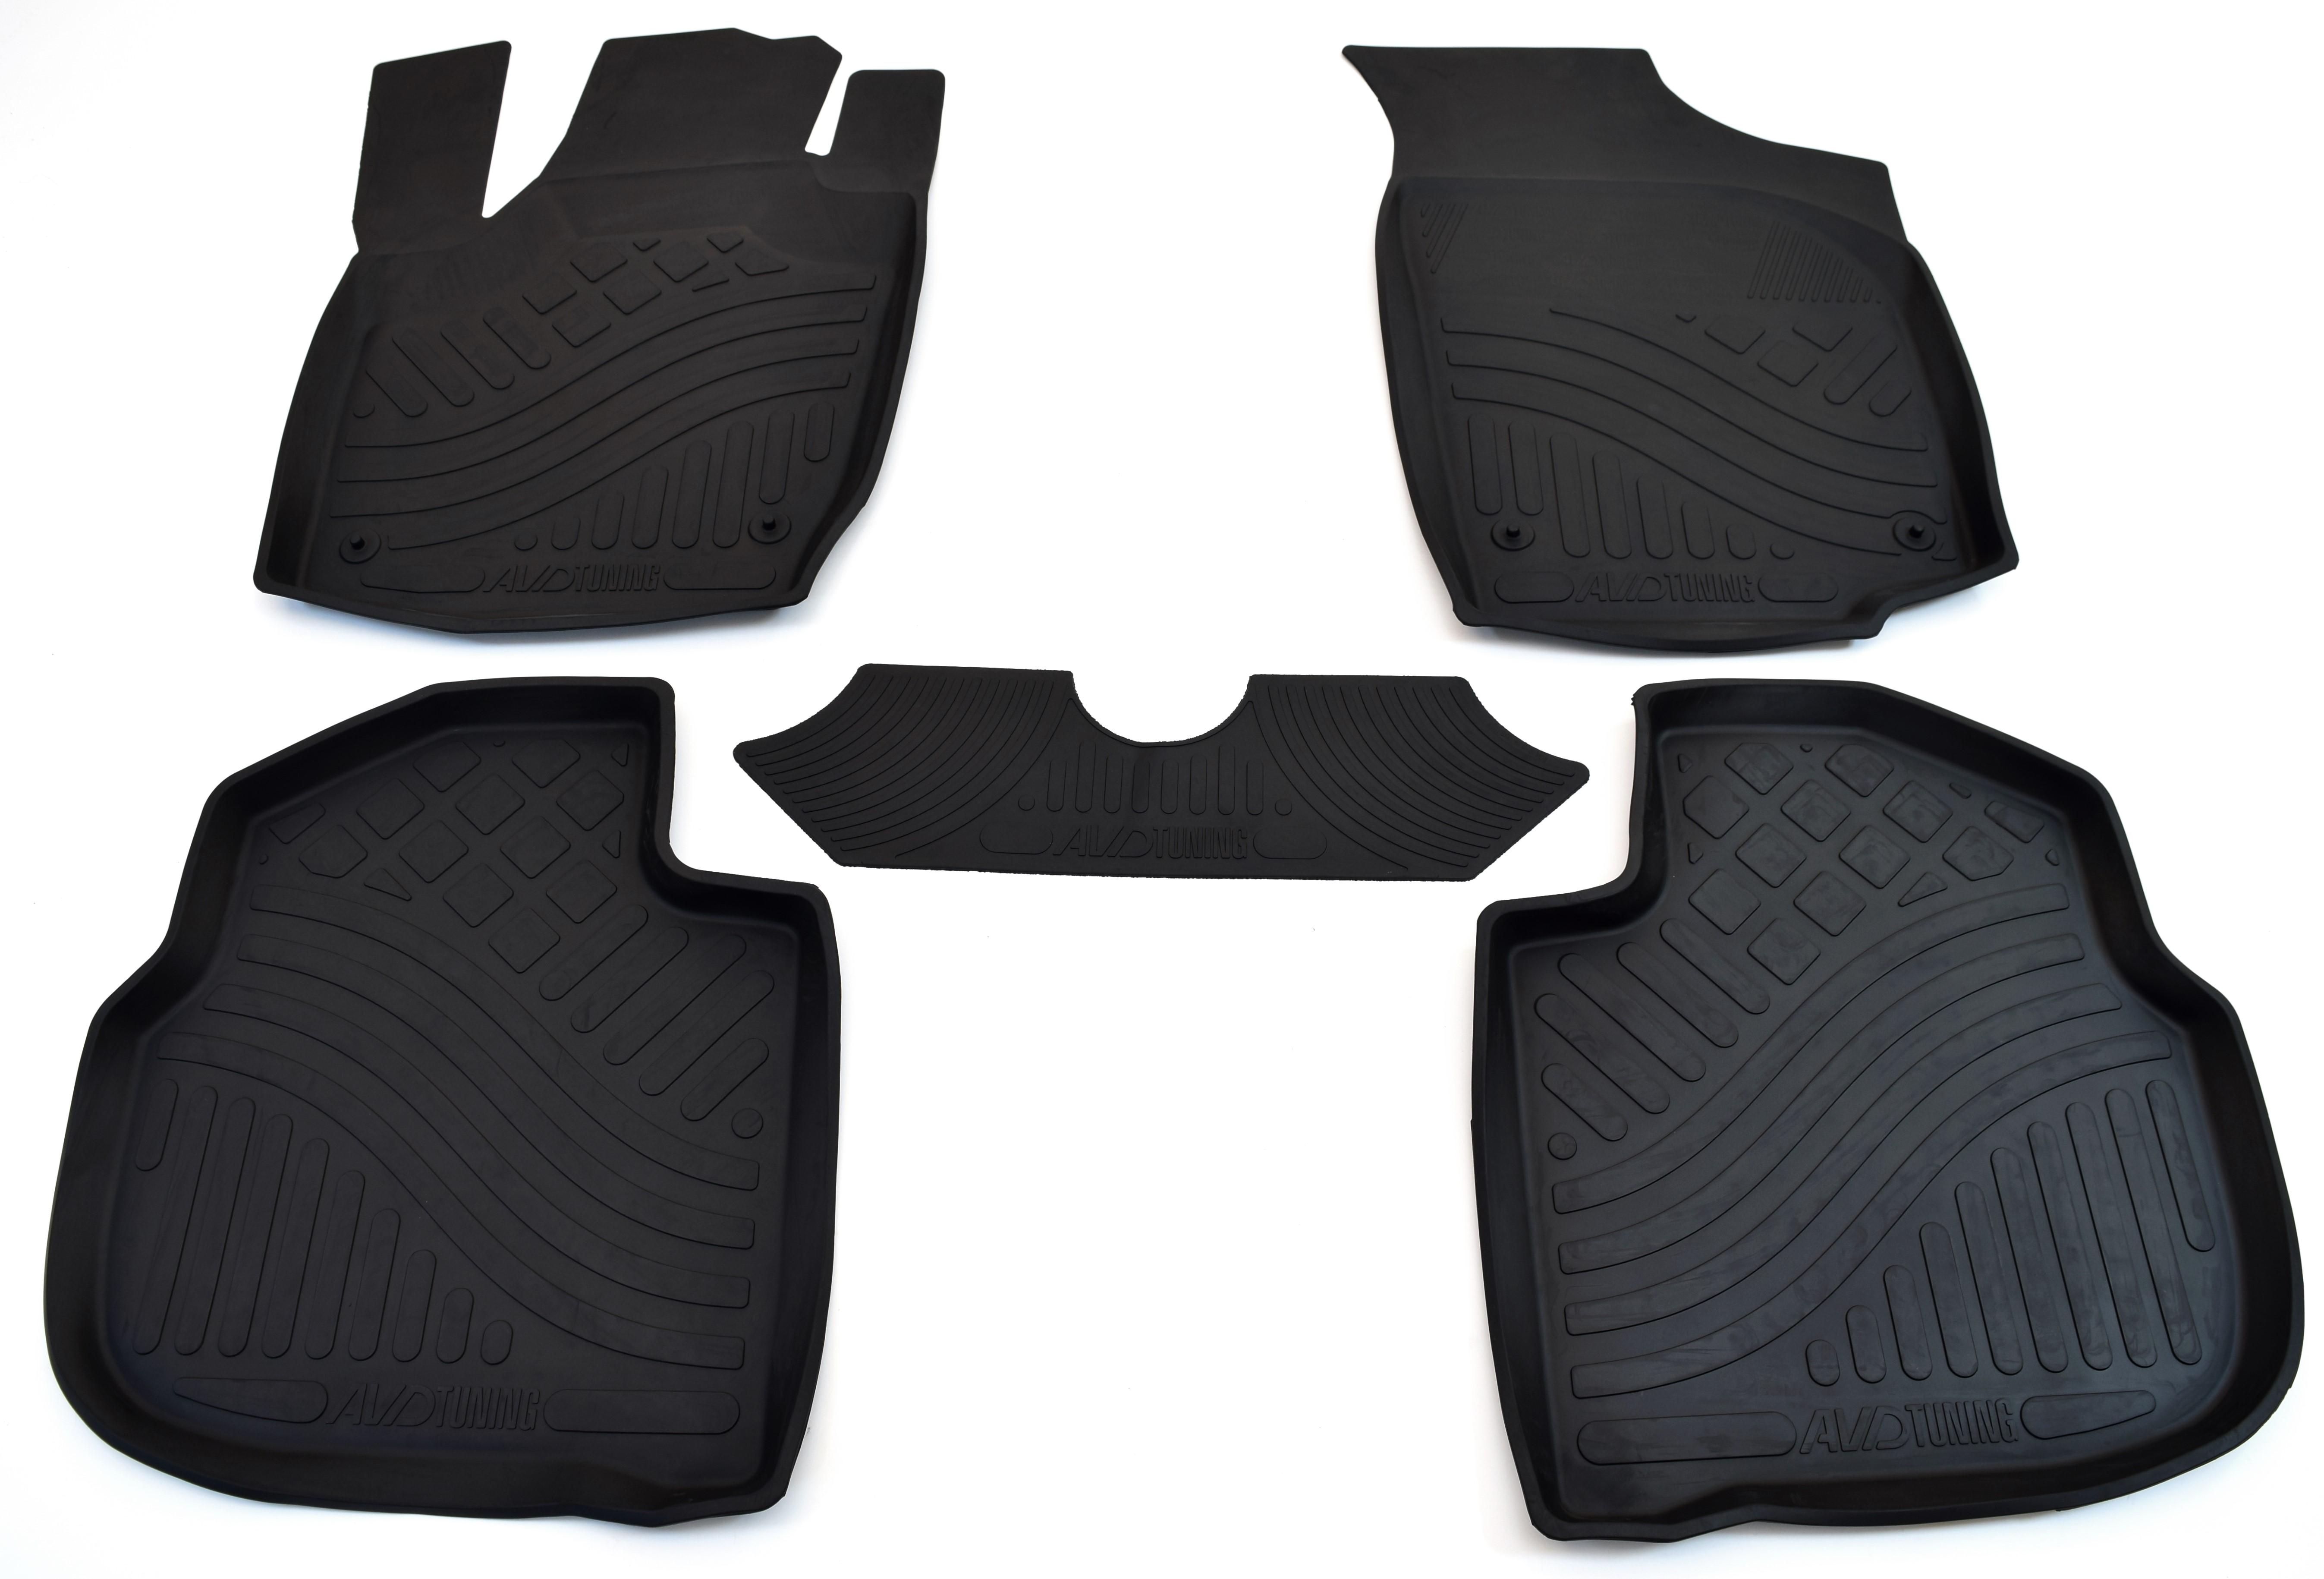 Коврики в салон автомобиля Avtodriver резиновые с бортиком для Chevrolet Aveo (2003-2011), Adrplr285, черный коврики салона avtodriver для mercedes benz e klasse w212 2007 adravg155 резиновые с бортиком черный